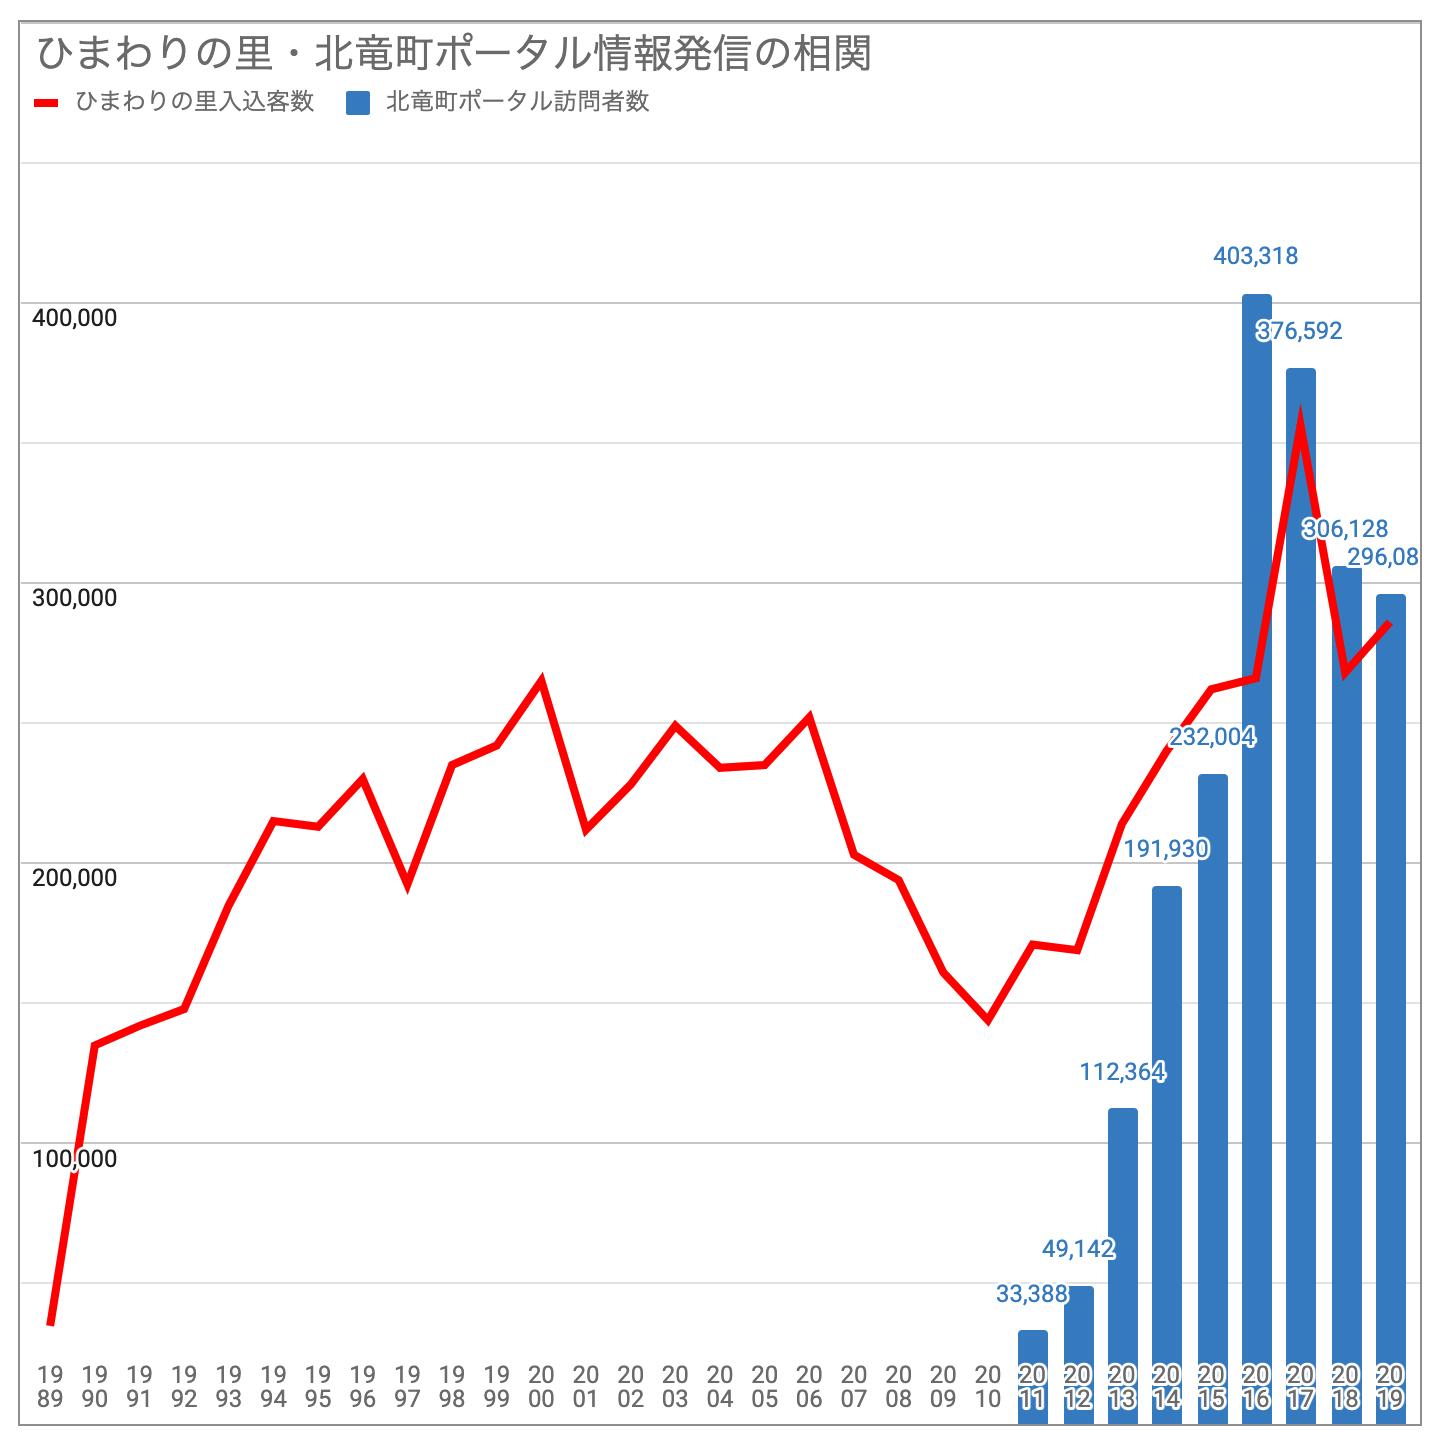 ひまわりの里への入込客数と北竜町ポータル&Facebookページ訪問者数(ユニークユーザー)